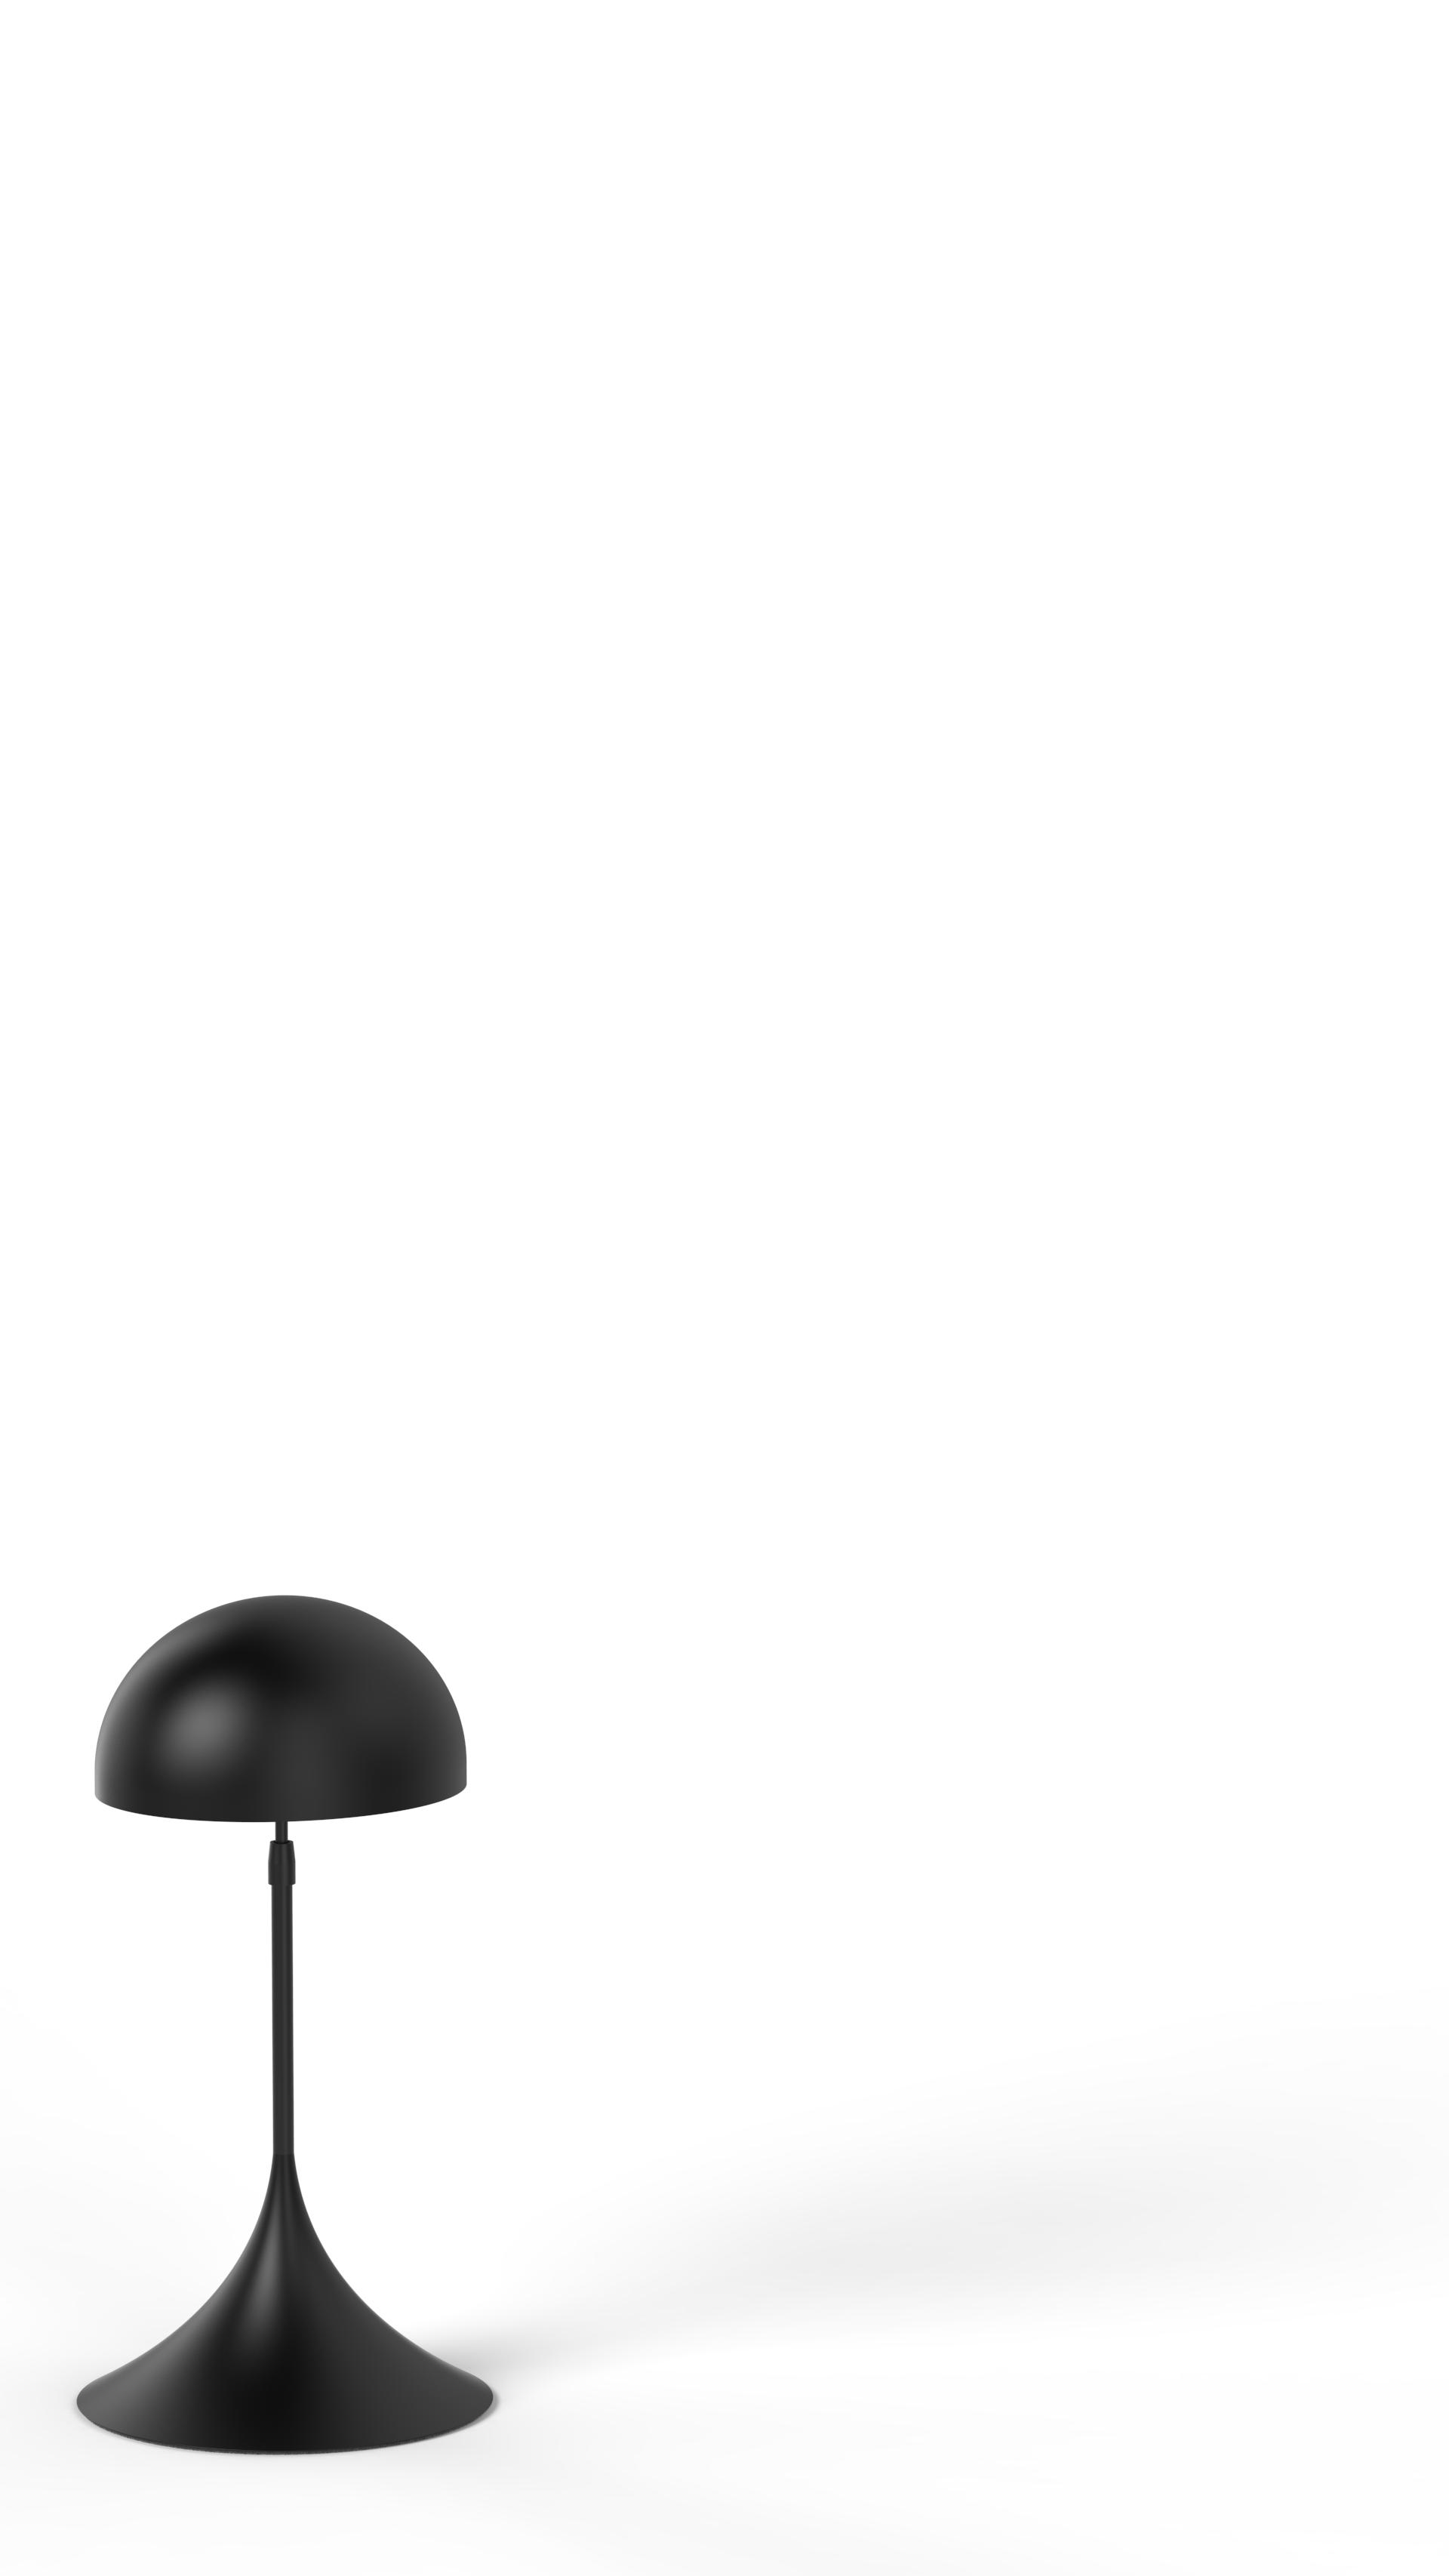 AUSPCH40A Présentoir pour chapeau SAINT-HONORÉ PARIS